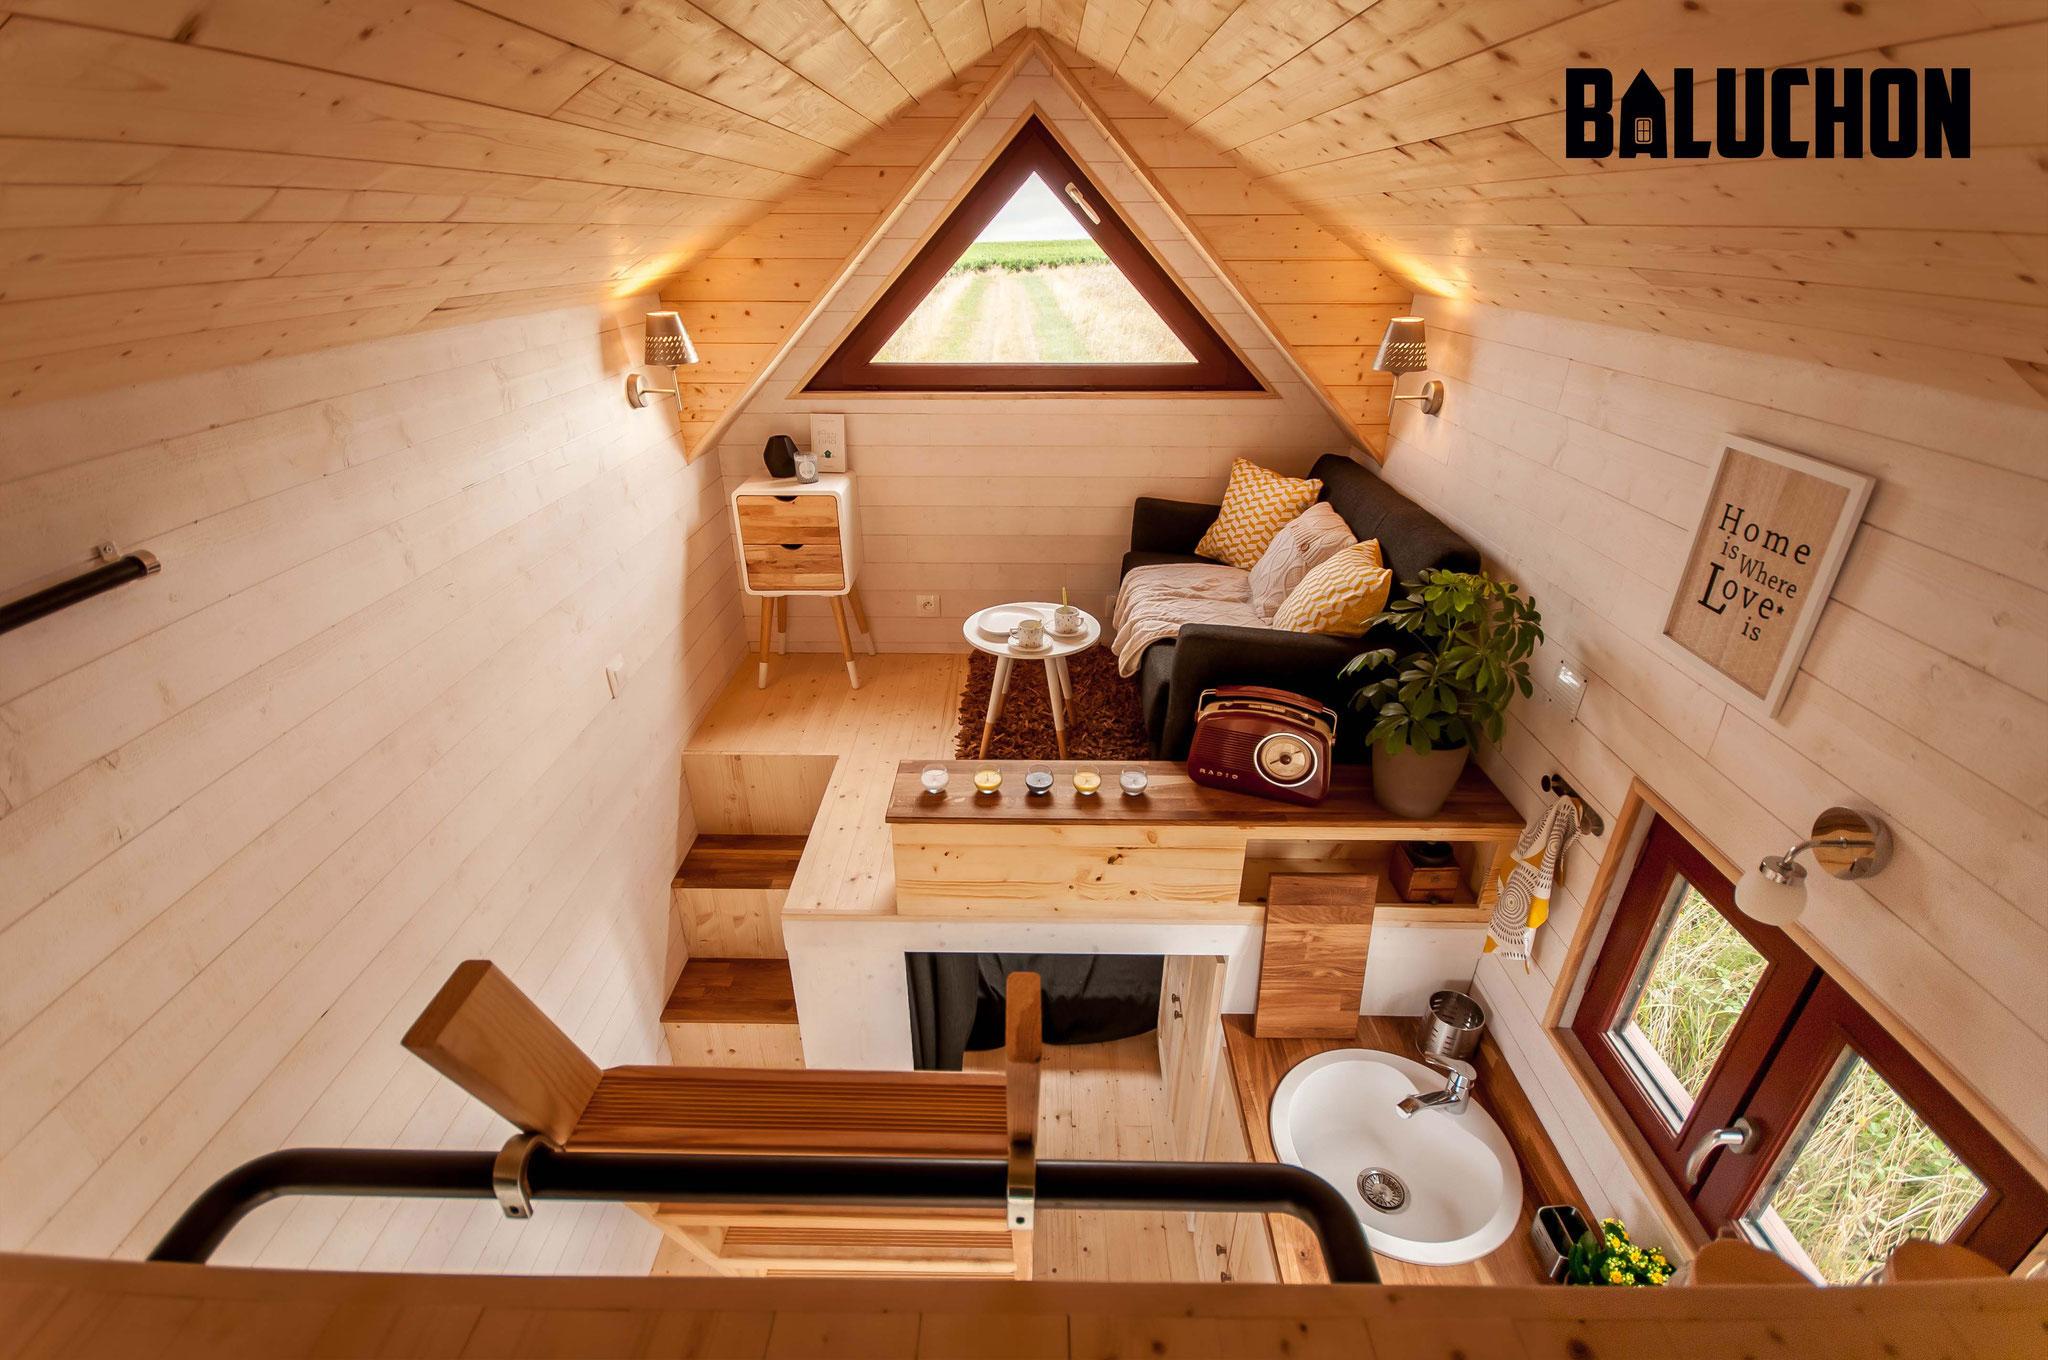 L'Odyssée - French Tiny House Unique Loft Living Room